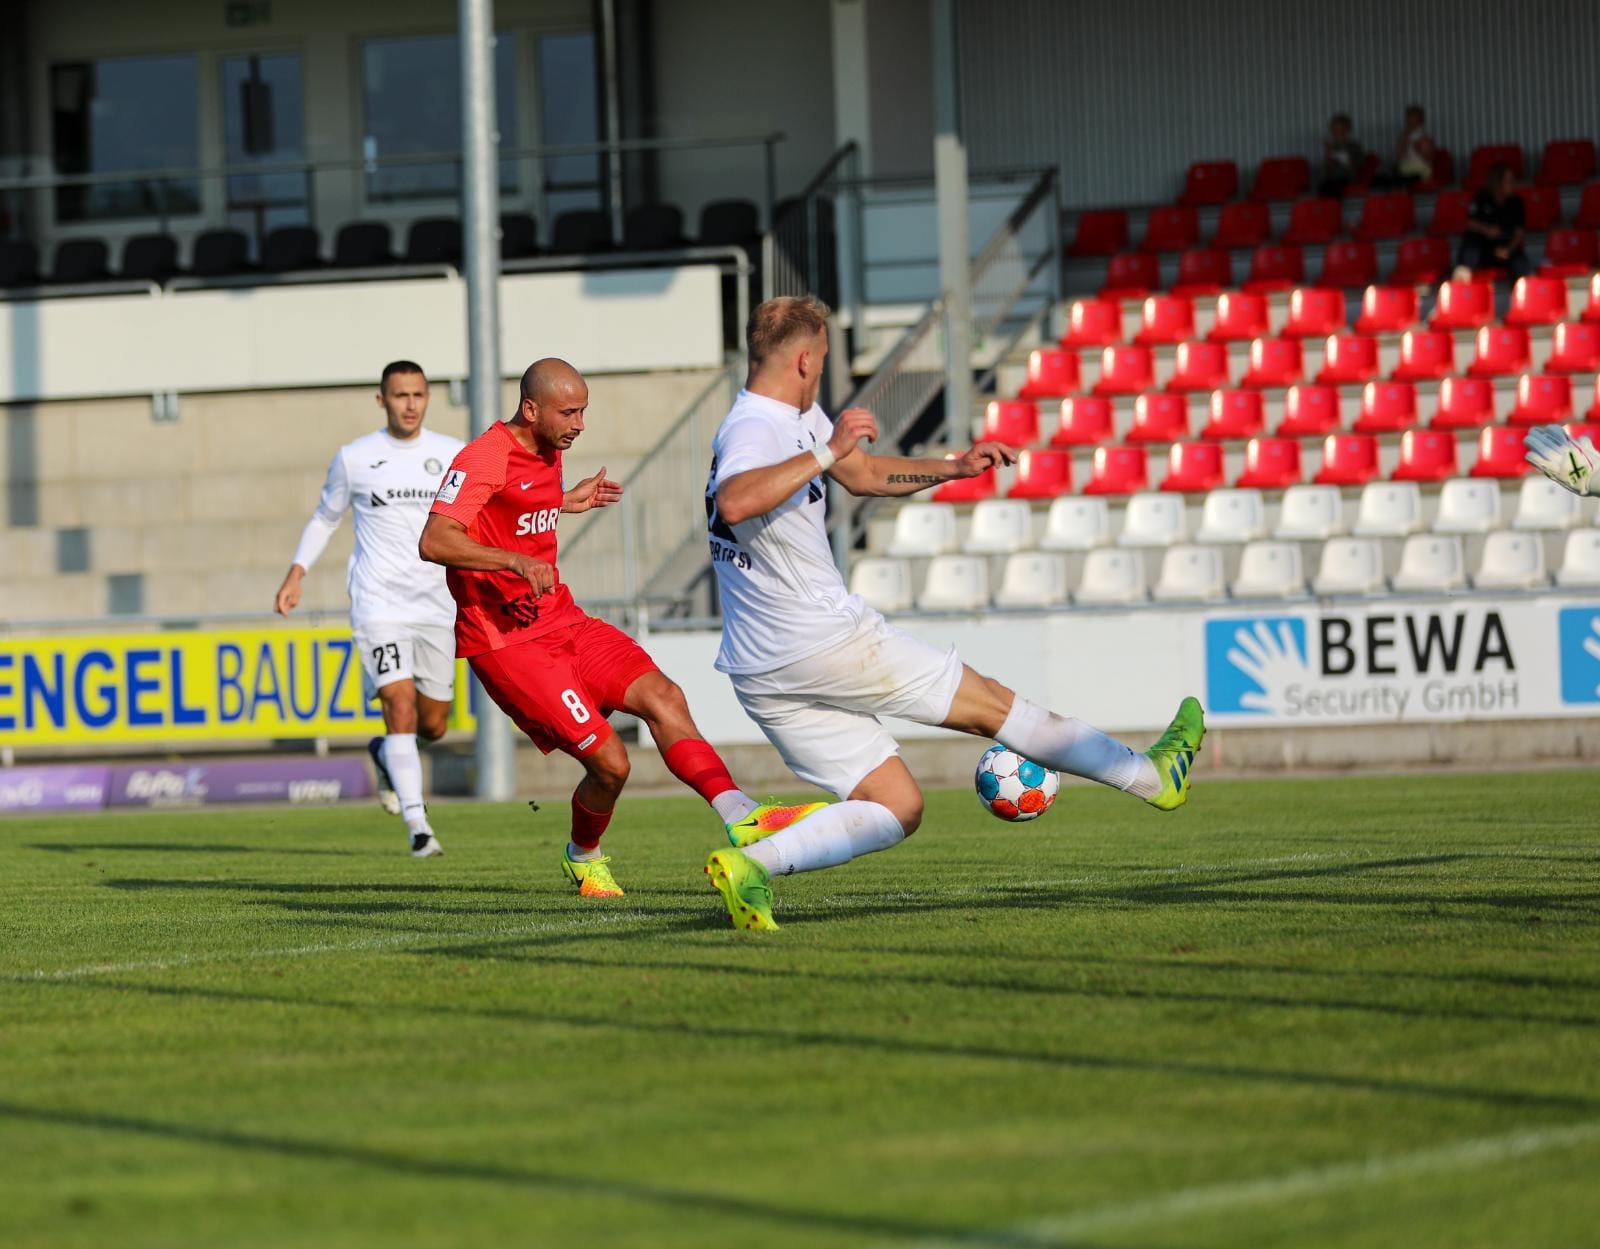 Testspiel-Niederlage gegen den Wuppertaler SV